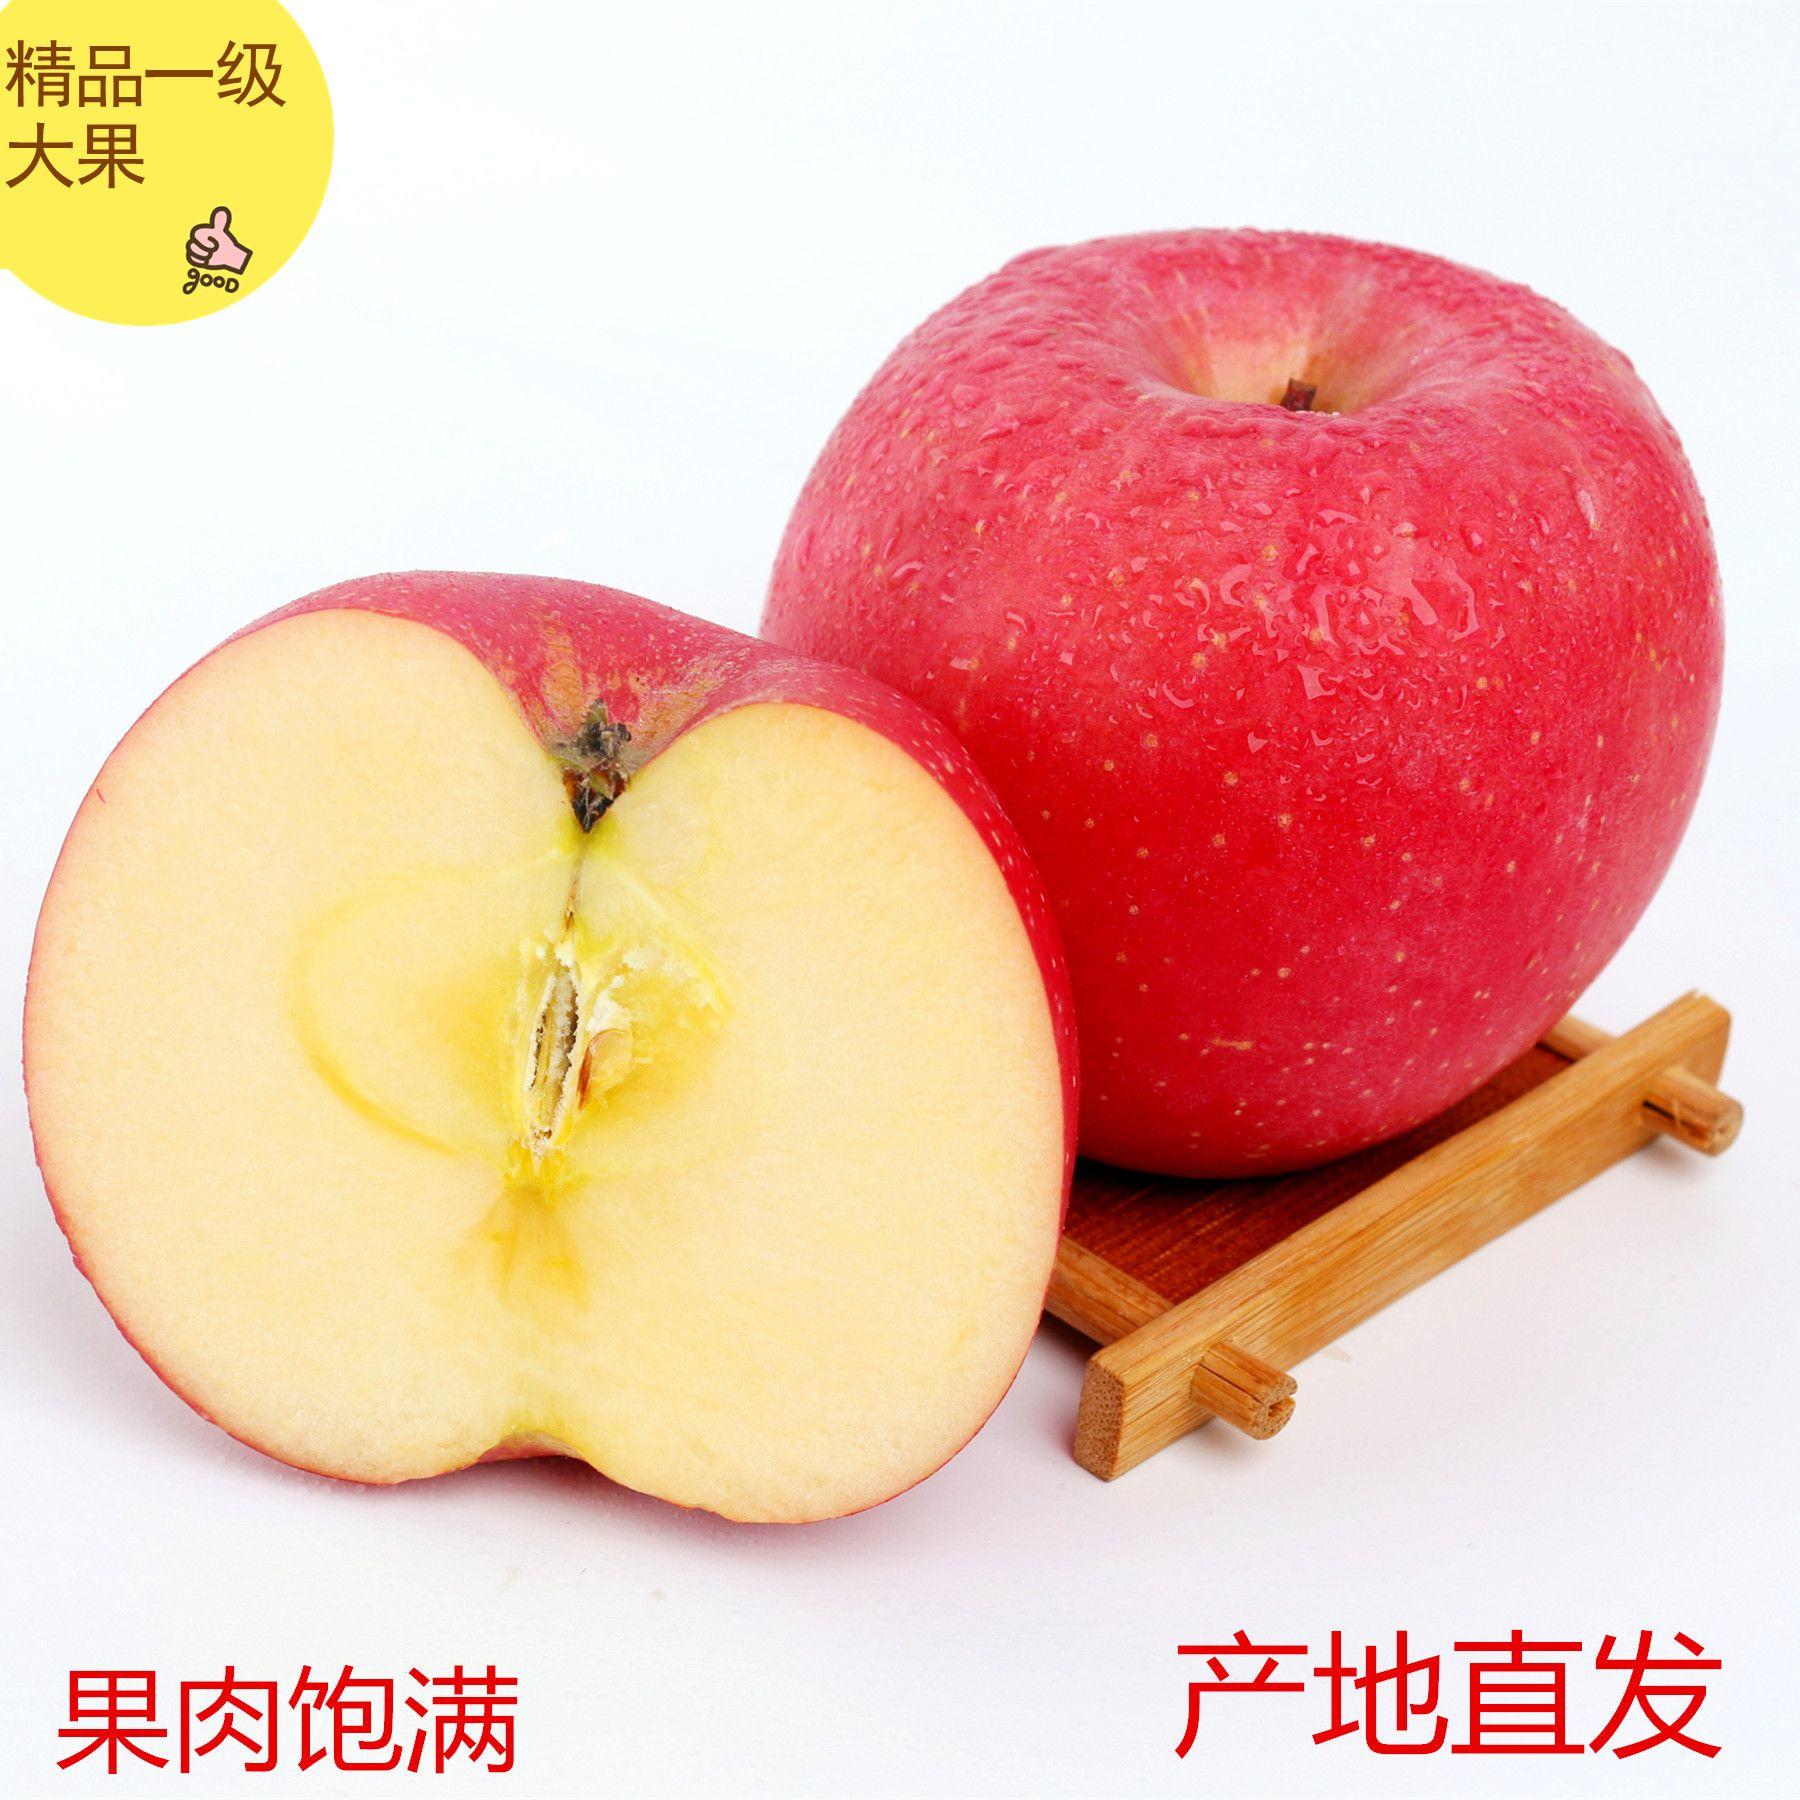 栖霞精品一级果,万润丰 山东烟台红富士苹果 3斤